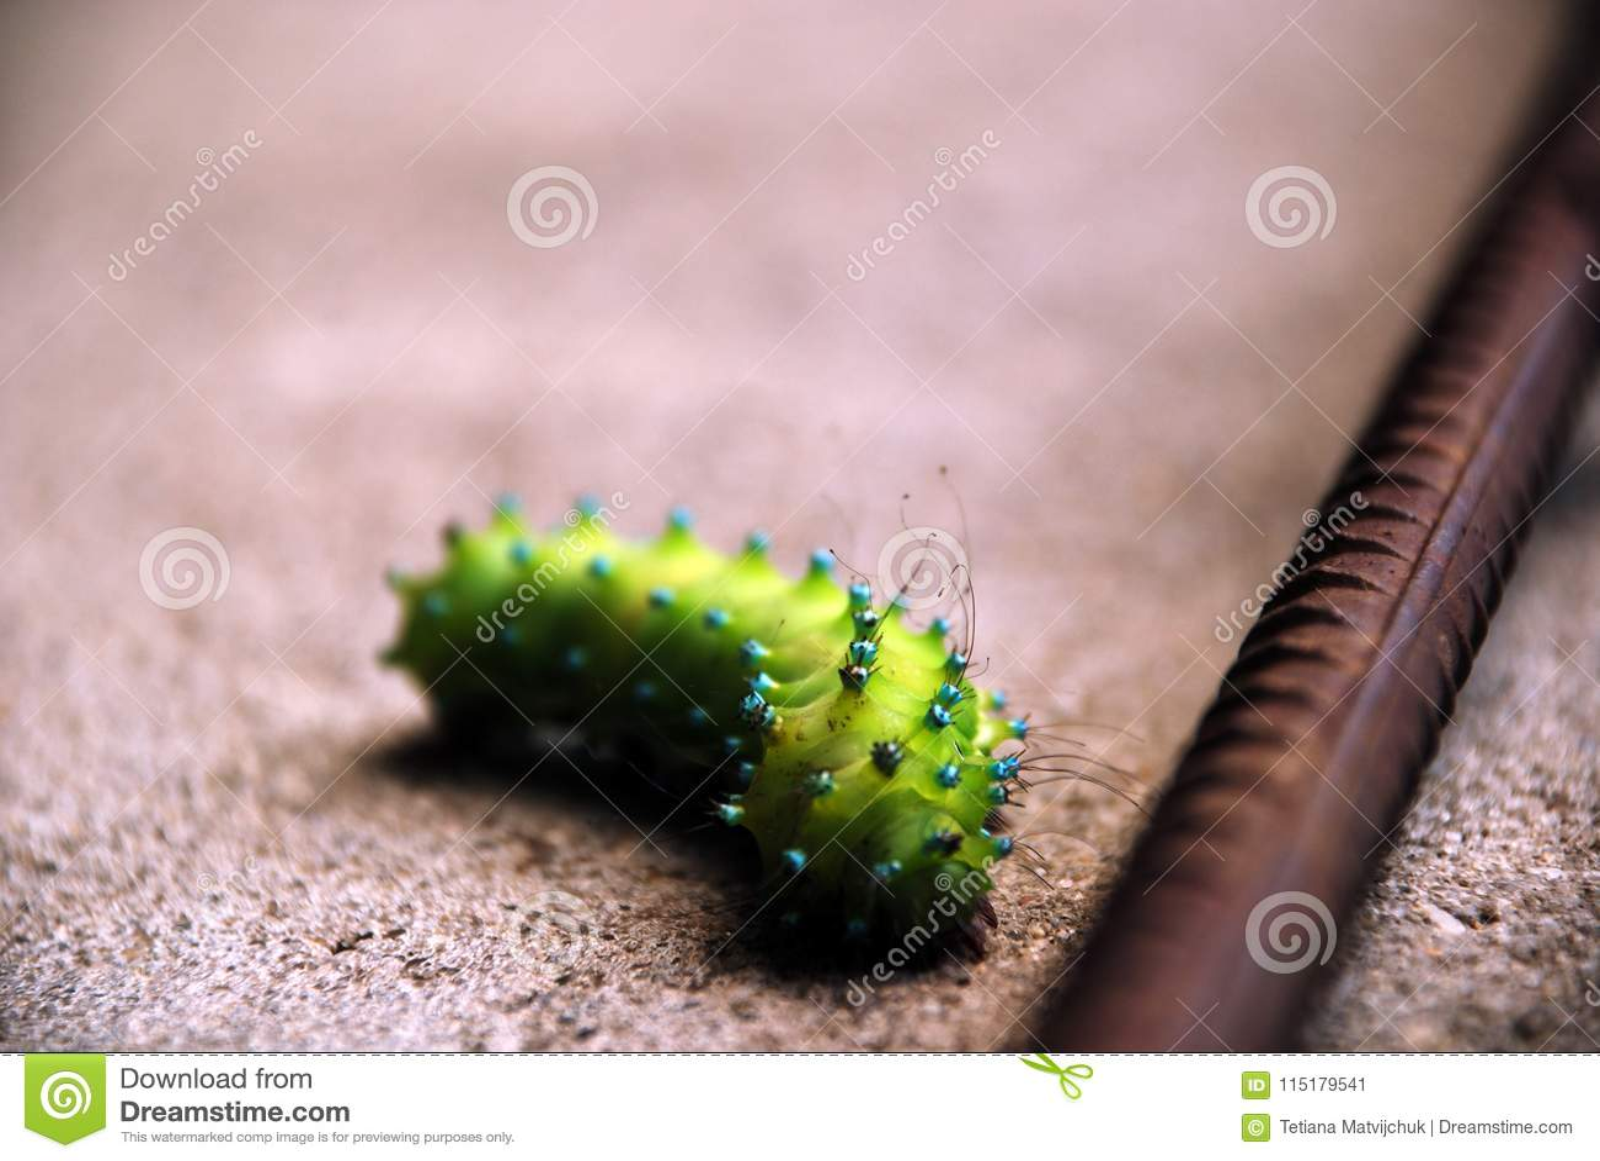 Green caterpillar crawling through sand along the rebar